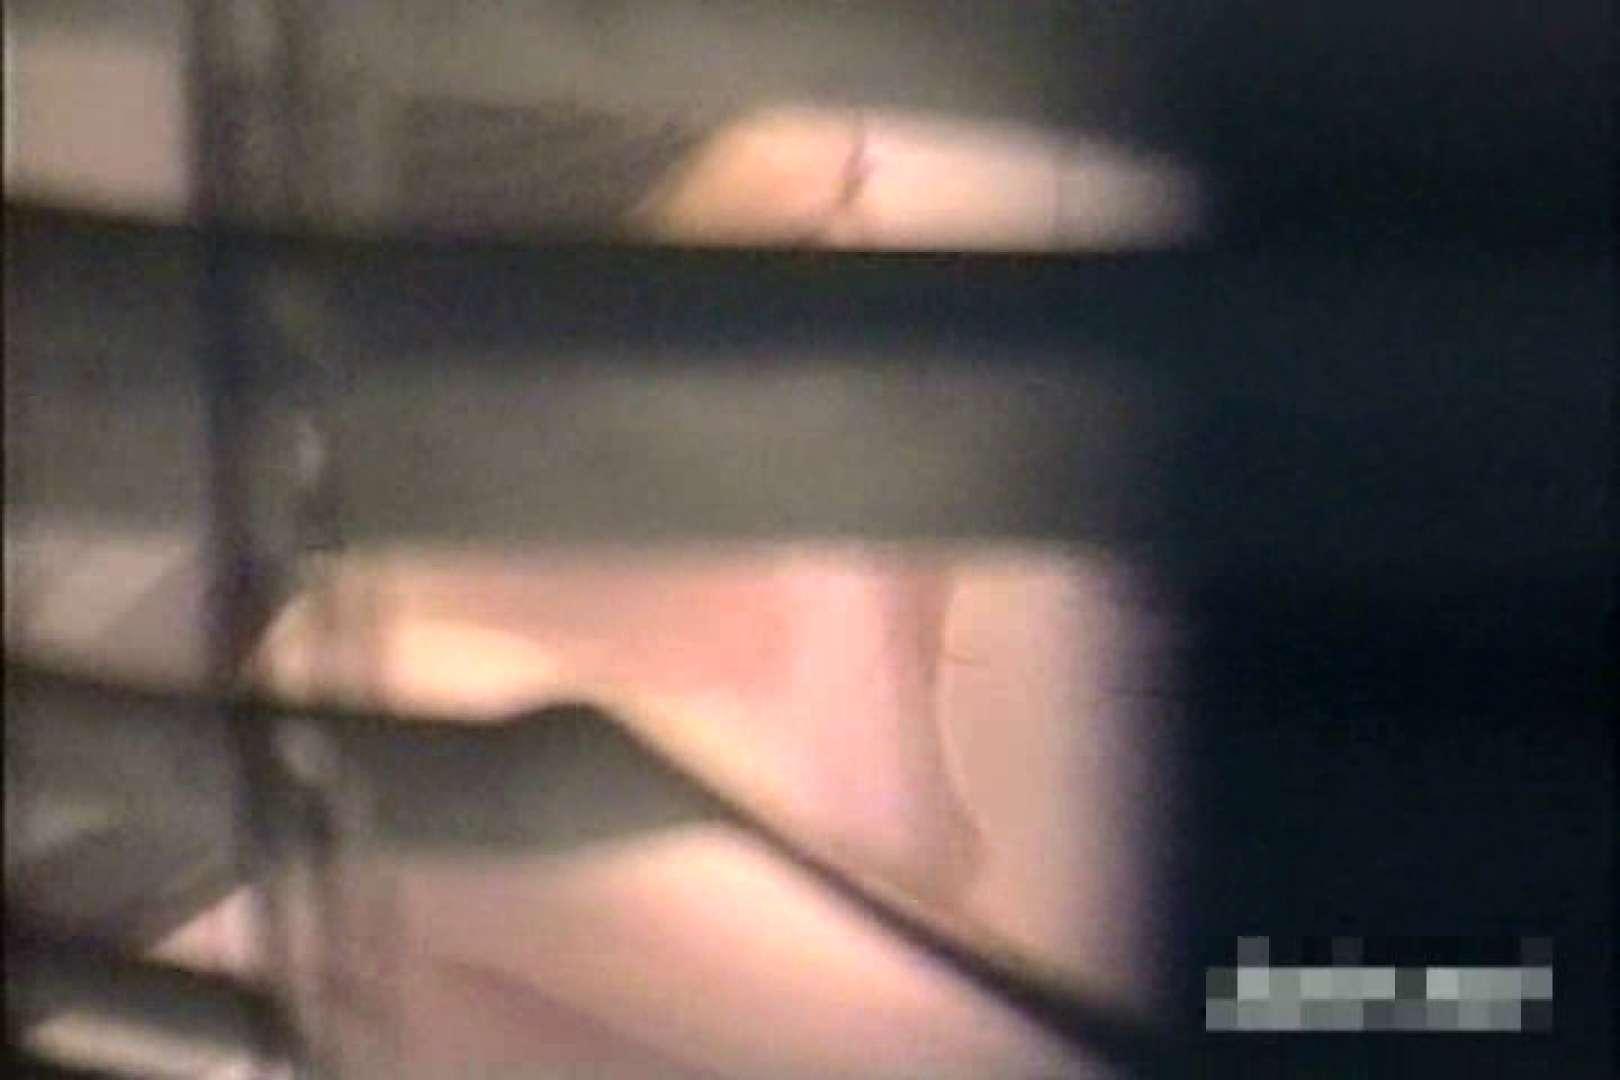 激撮ストーカー記録あなたのお宅拝見しますVol.3 マンコ・ムレムレ  103pic 18